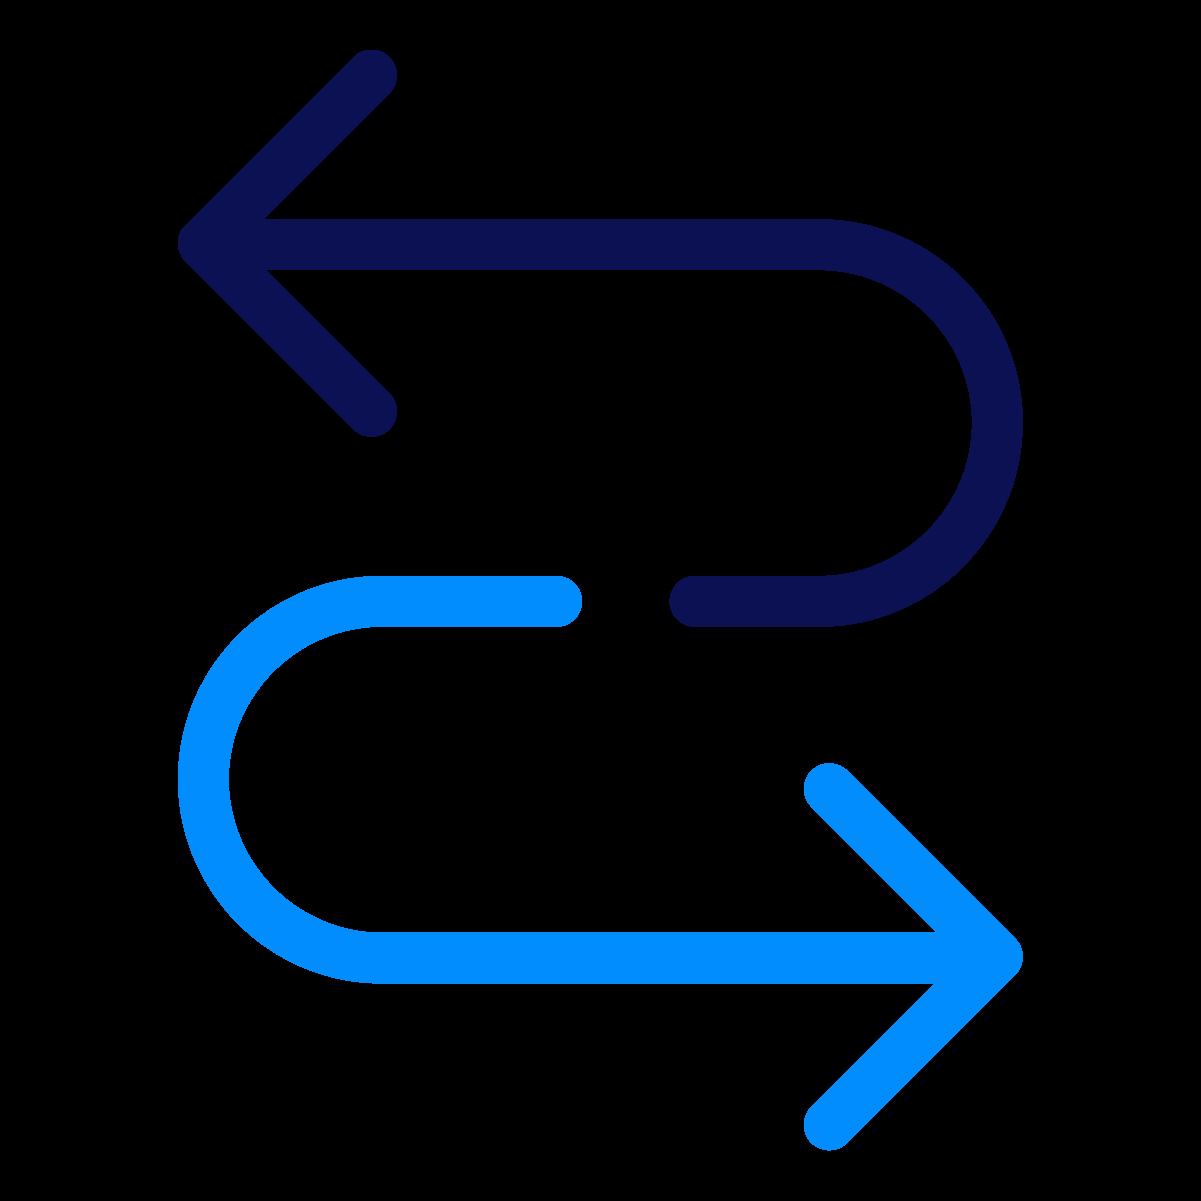 UX-UI-Icon_processed-32